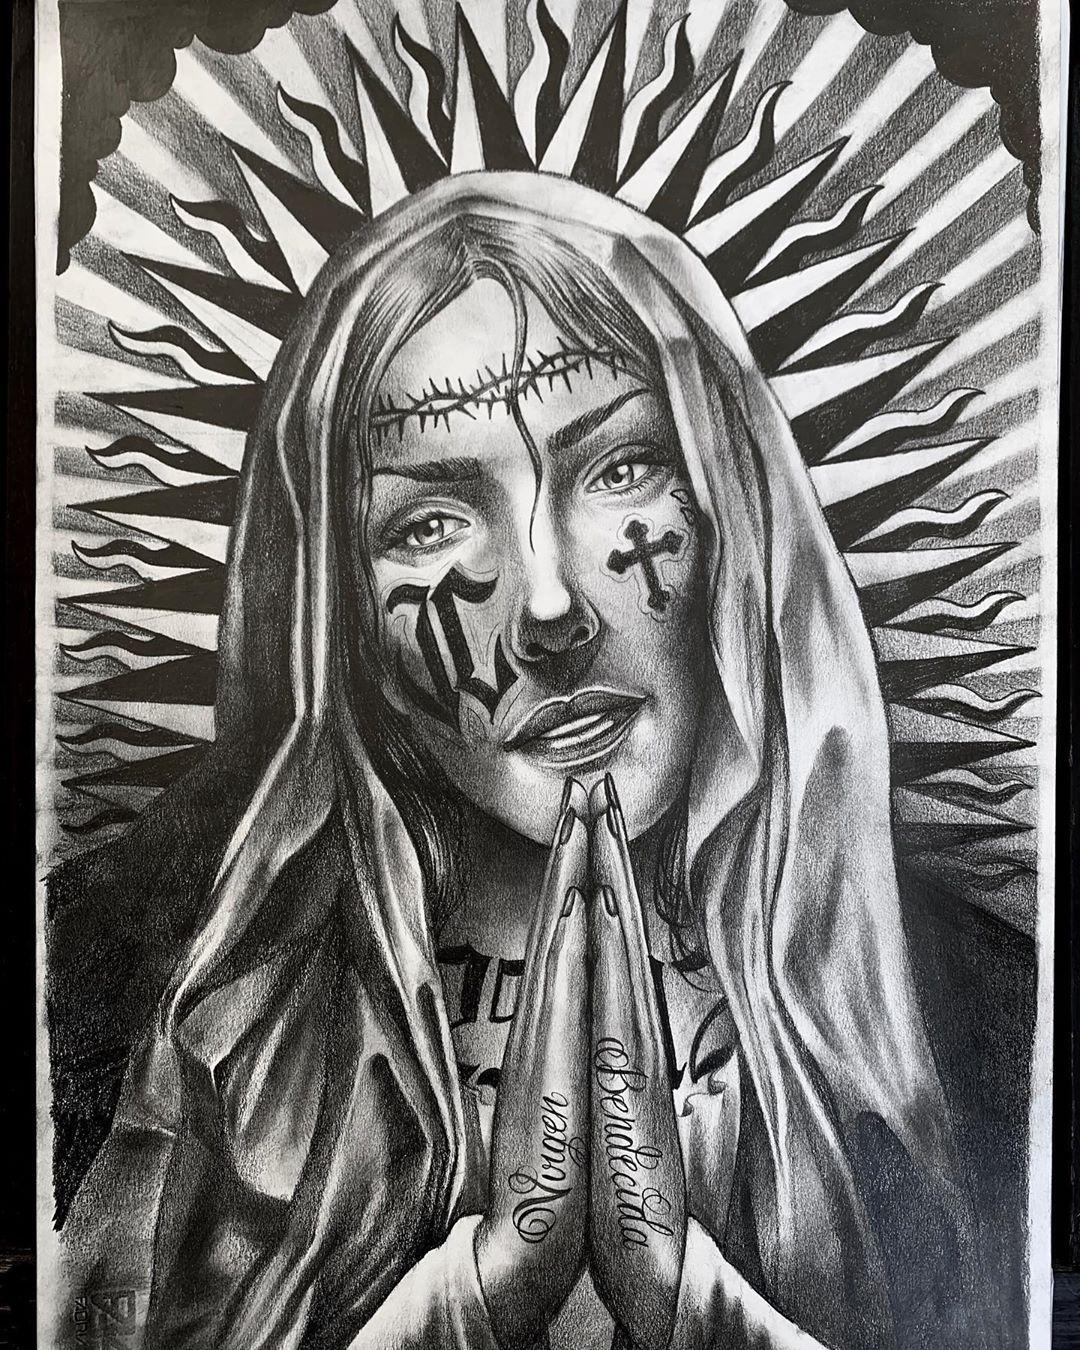 #tattoo #tattoomodel #tattooed #tattoos #tattooist #tattoostyle #tattoodo #tattoo_artwork #tattooartistmagazine #tattoo_art_worldwide #perciastattoo #sullen #sullenclothing #blackandgreytattoo #realistictattoo #milanotattoo #milanotatuaggi #milanotatuaggio #tatuaggio #tatuaggi #milanotattooartist #milanotattooshop #tattoolovers #tattoolover #igersmilano #igerstattoo #ink #inked #tattooink #inkstagram